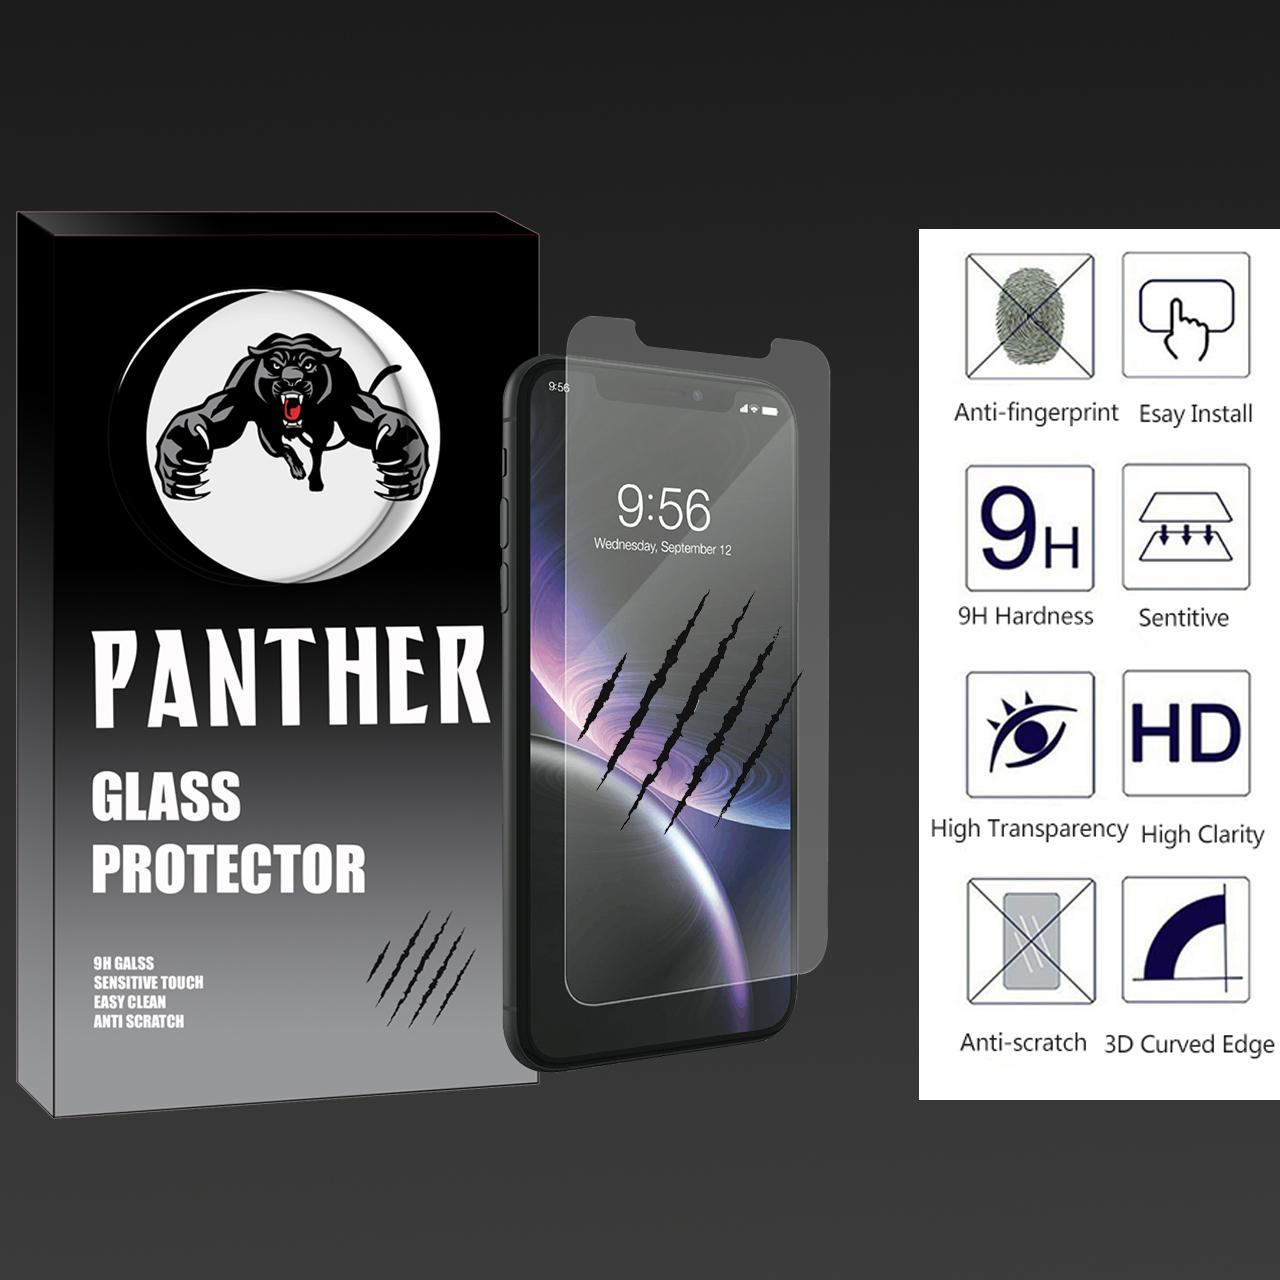 محافظ صفحه نمایش پنتر مدل SDP-002 مناسب برای گوشی موبایل ایسوس Zenfone Max ZB555KL              ( قیمت و خرید)